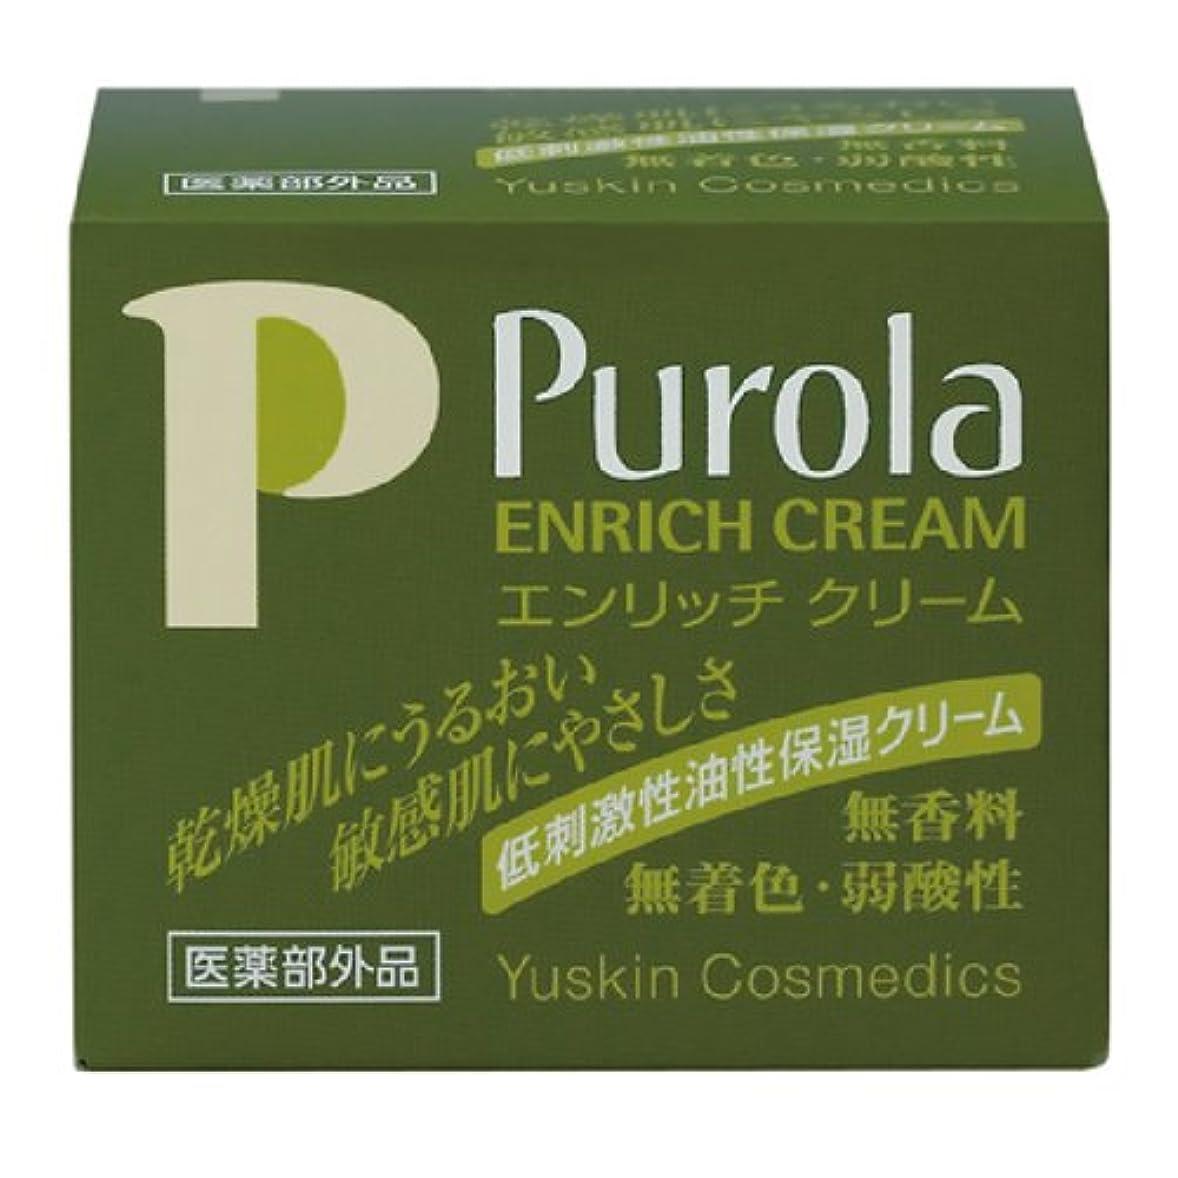 ただ食事を調理する見物人プローラ 薬用エンリッチクリームa 67g